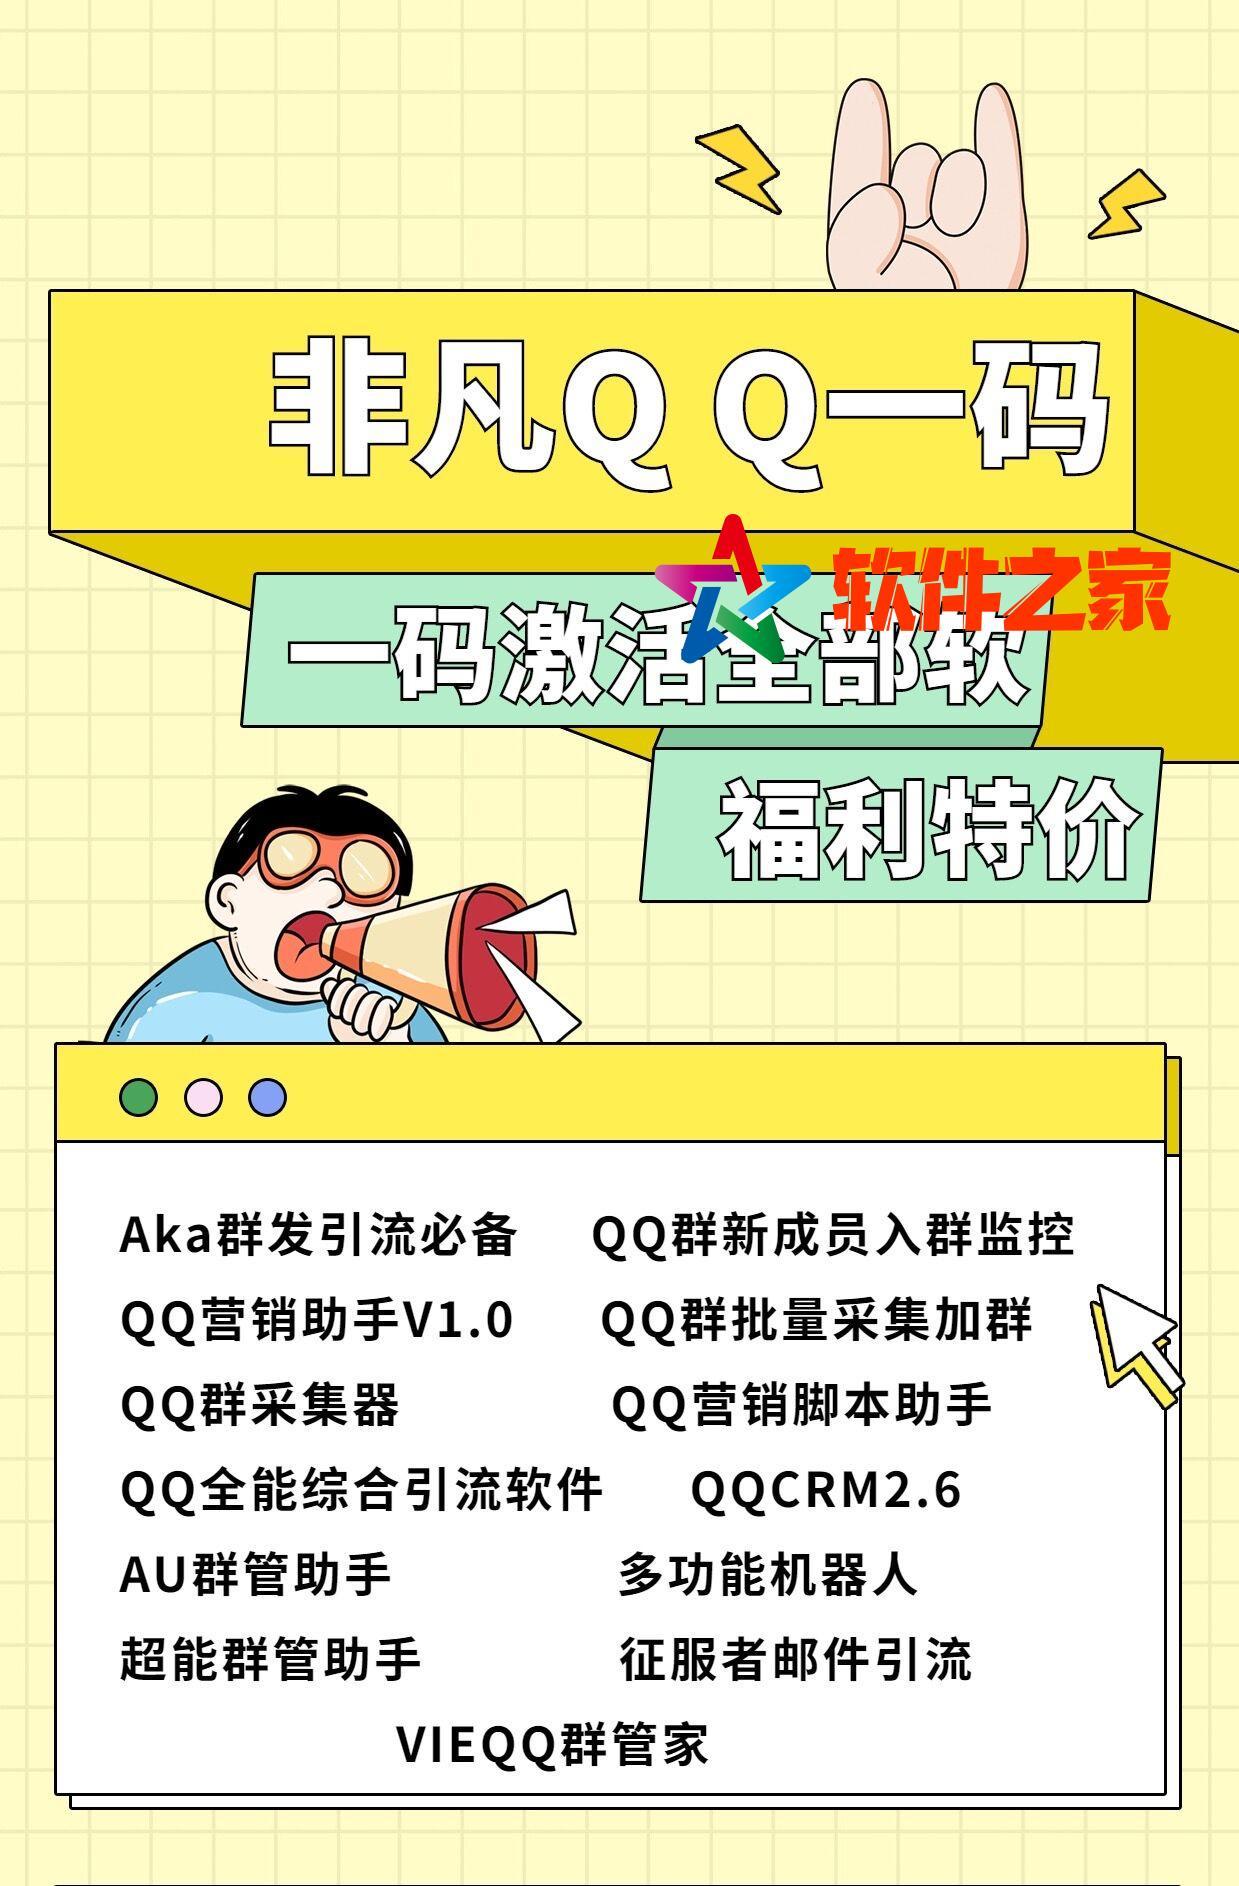 【非凡QQ一码通官网下载地址】各种QQ引流营销福利工具 欢迎体验使用